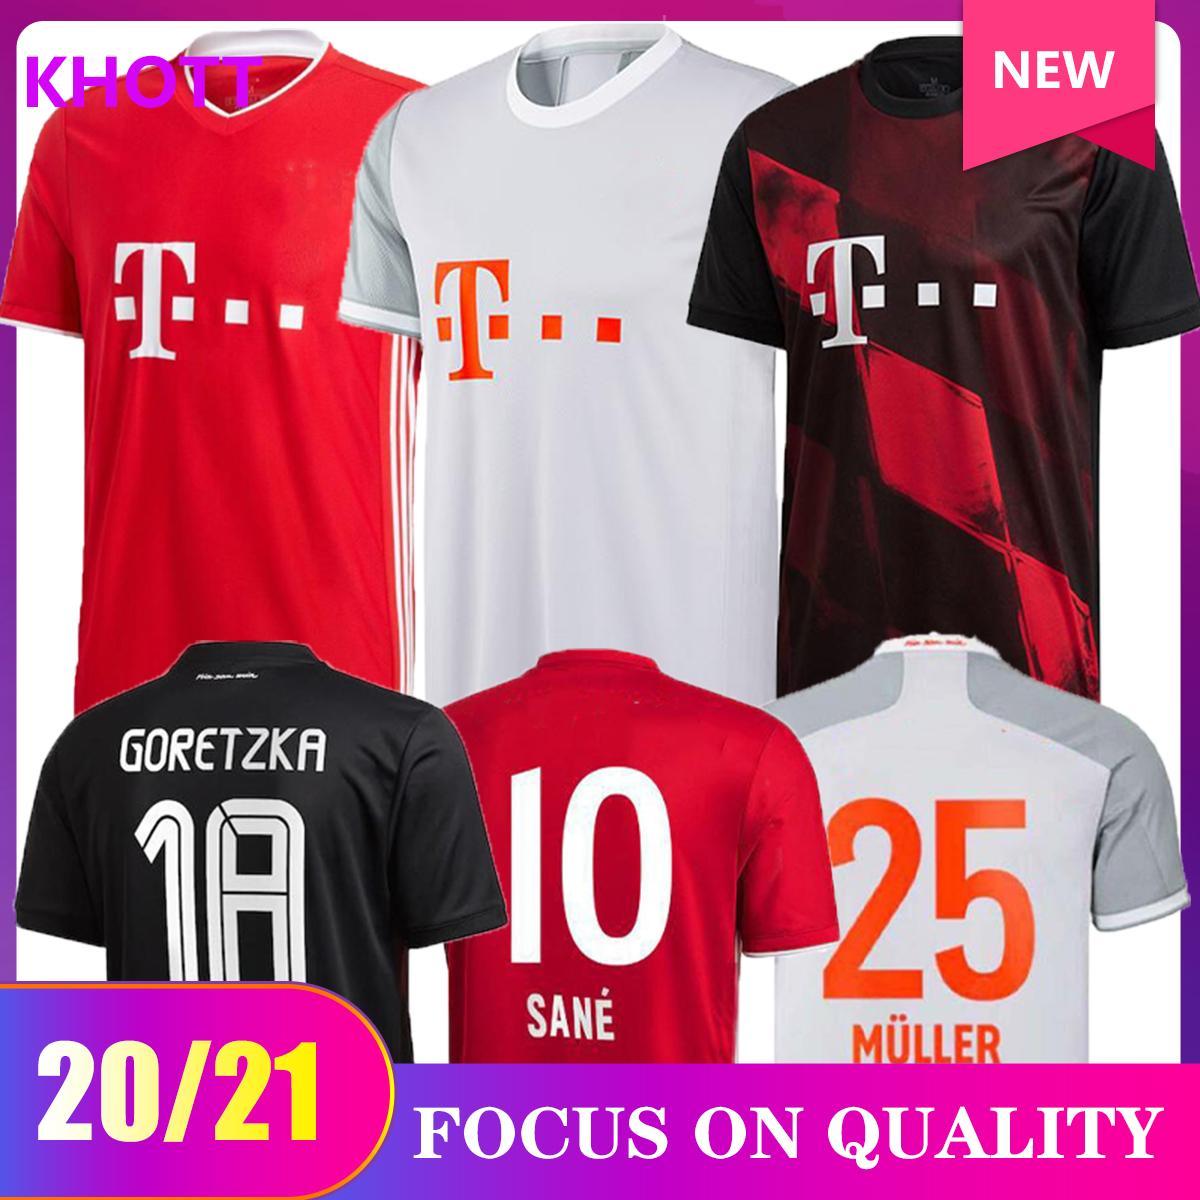 20 21 fan versione del lettore di SANE LEWANDOWSKI COMAN Bayern Monaco finale di calcio maglia 2020 21 camicia di calcio NIANZOU MUNCHEN Gnabry UOMO